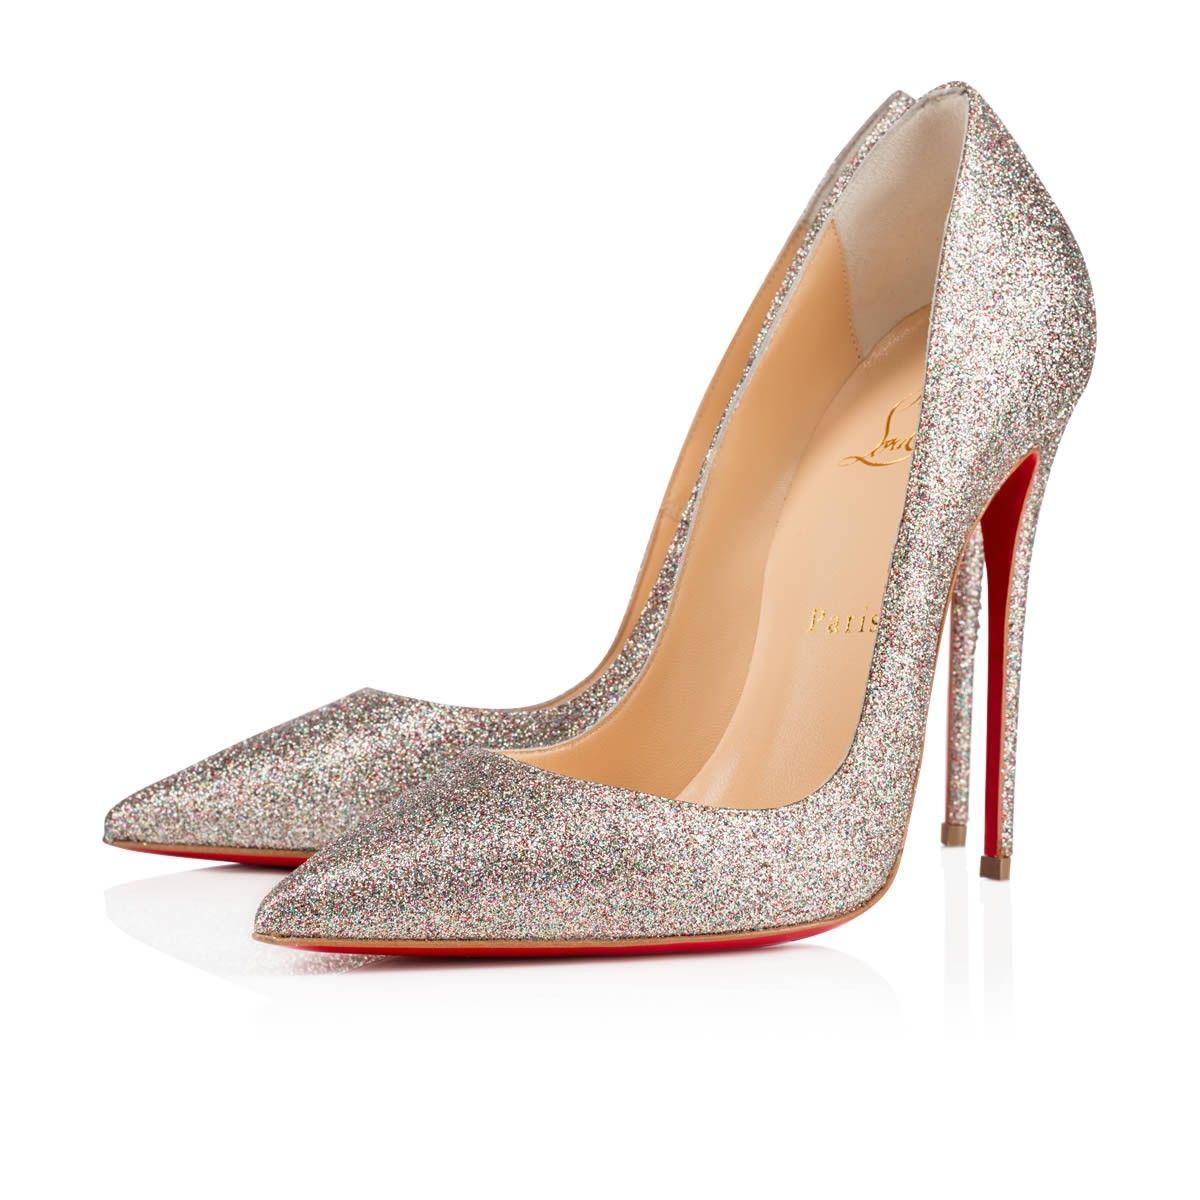 SO KATE GLITTER MINI,MULTI,Glitter,Women Shoes,Louboutin.